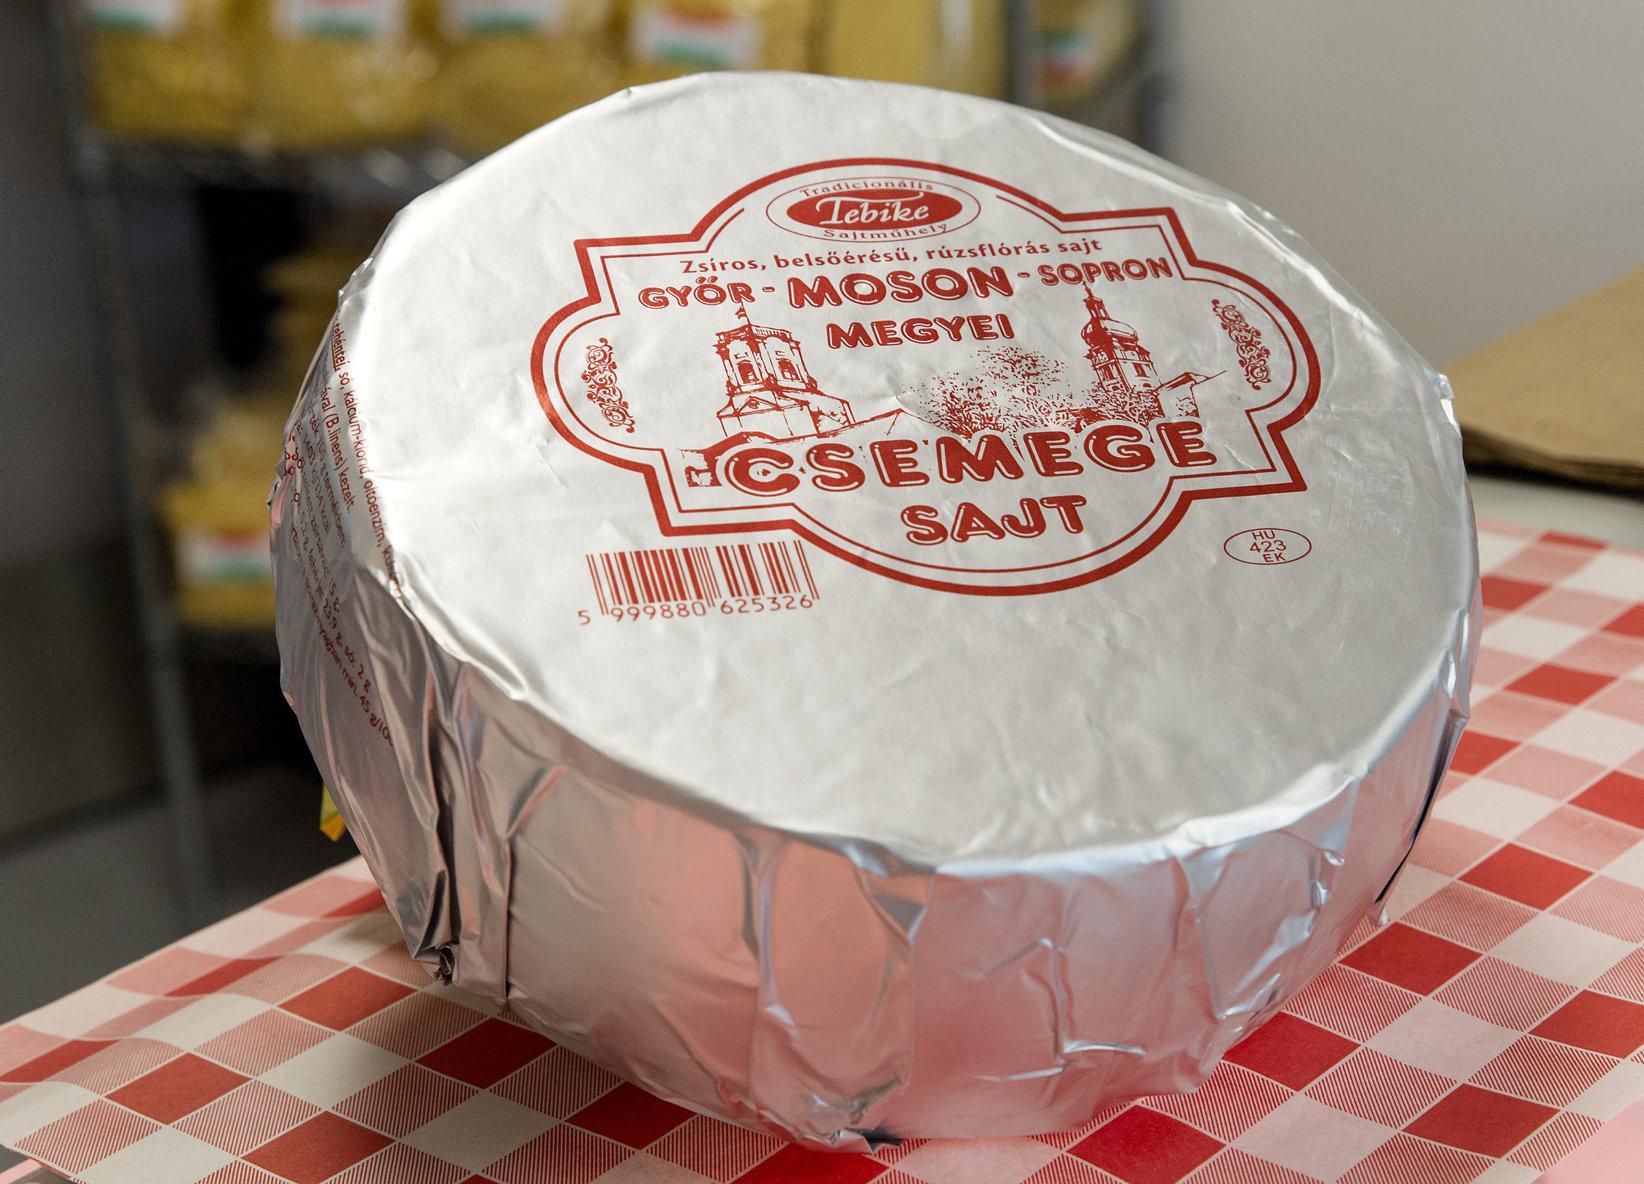 Ungarischer Käse bekommt geographische Herkunftsbezeichnung post's picture